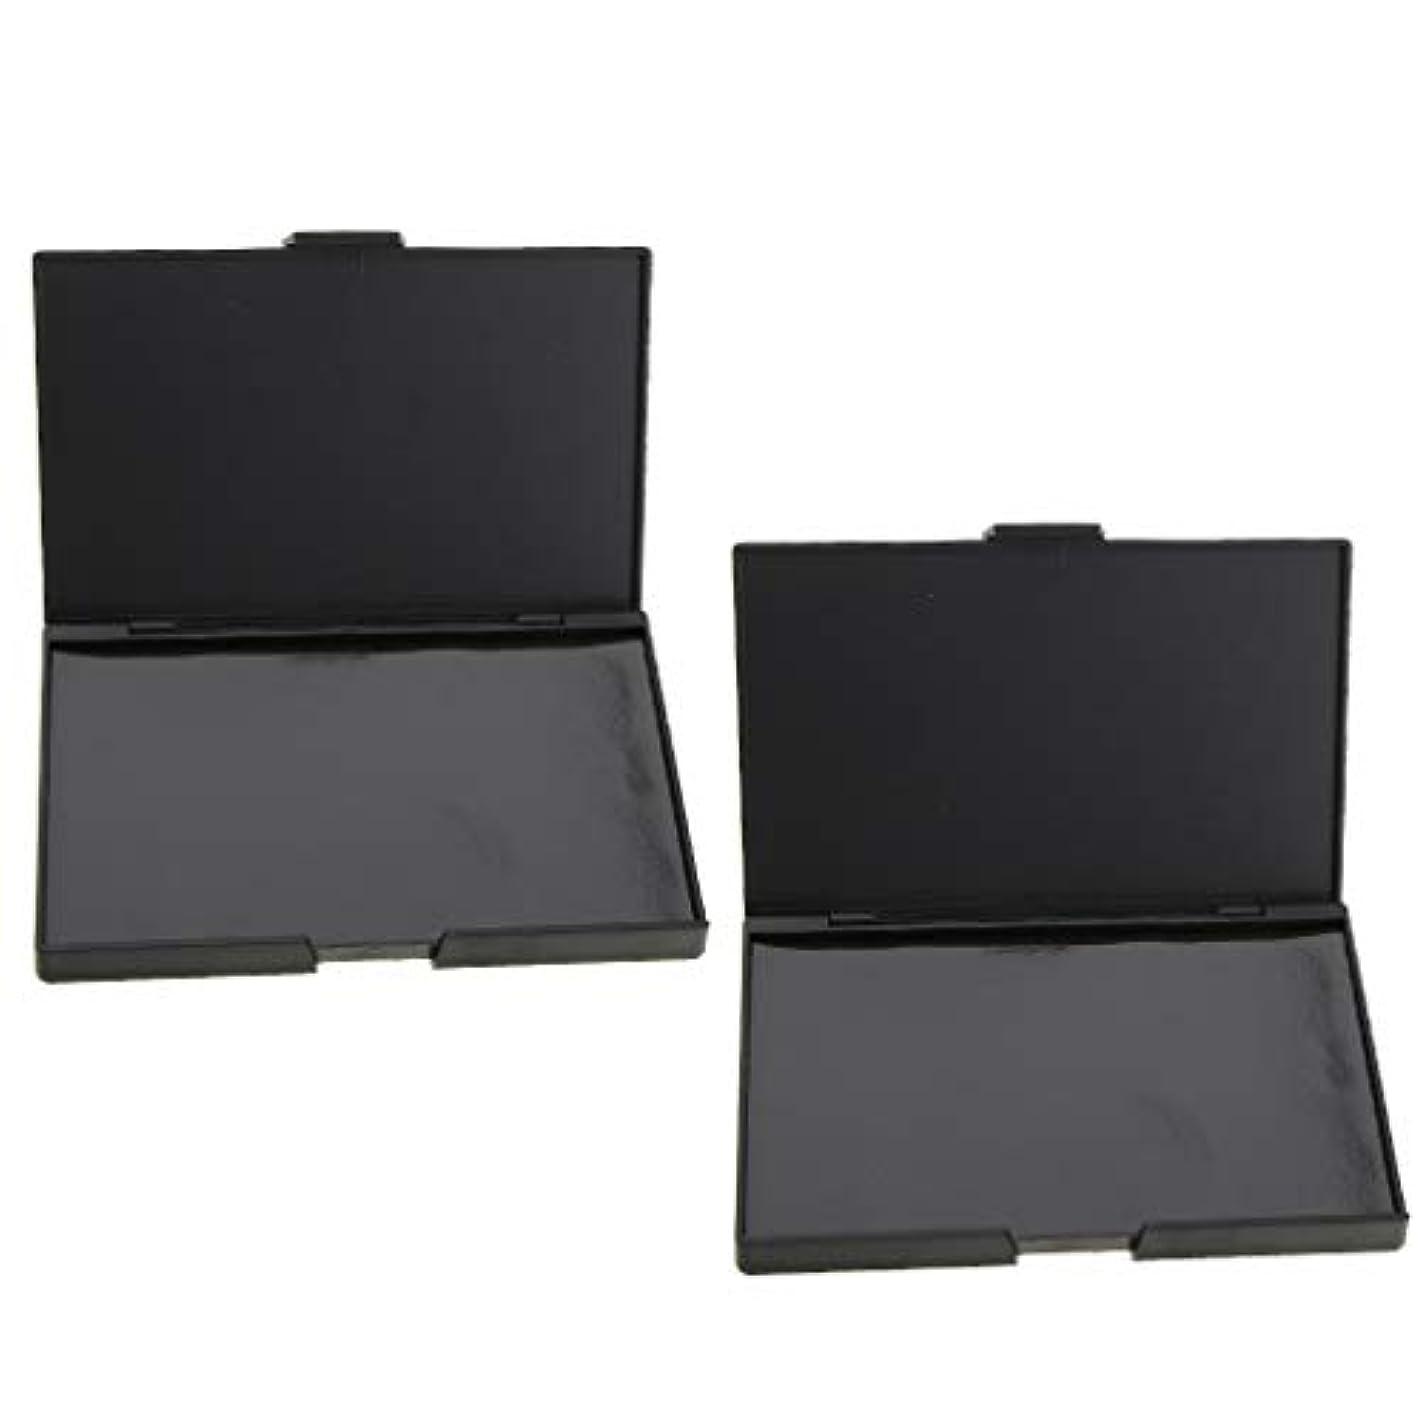 啓発する短命締めるB Blesiya 2個 磁気パレット メイクアップケース コスメ 化粧品 DIY 手作り